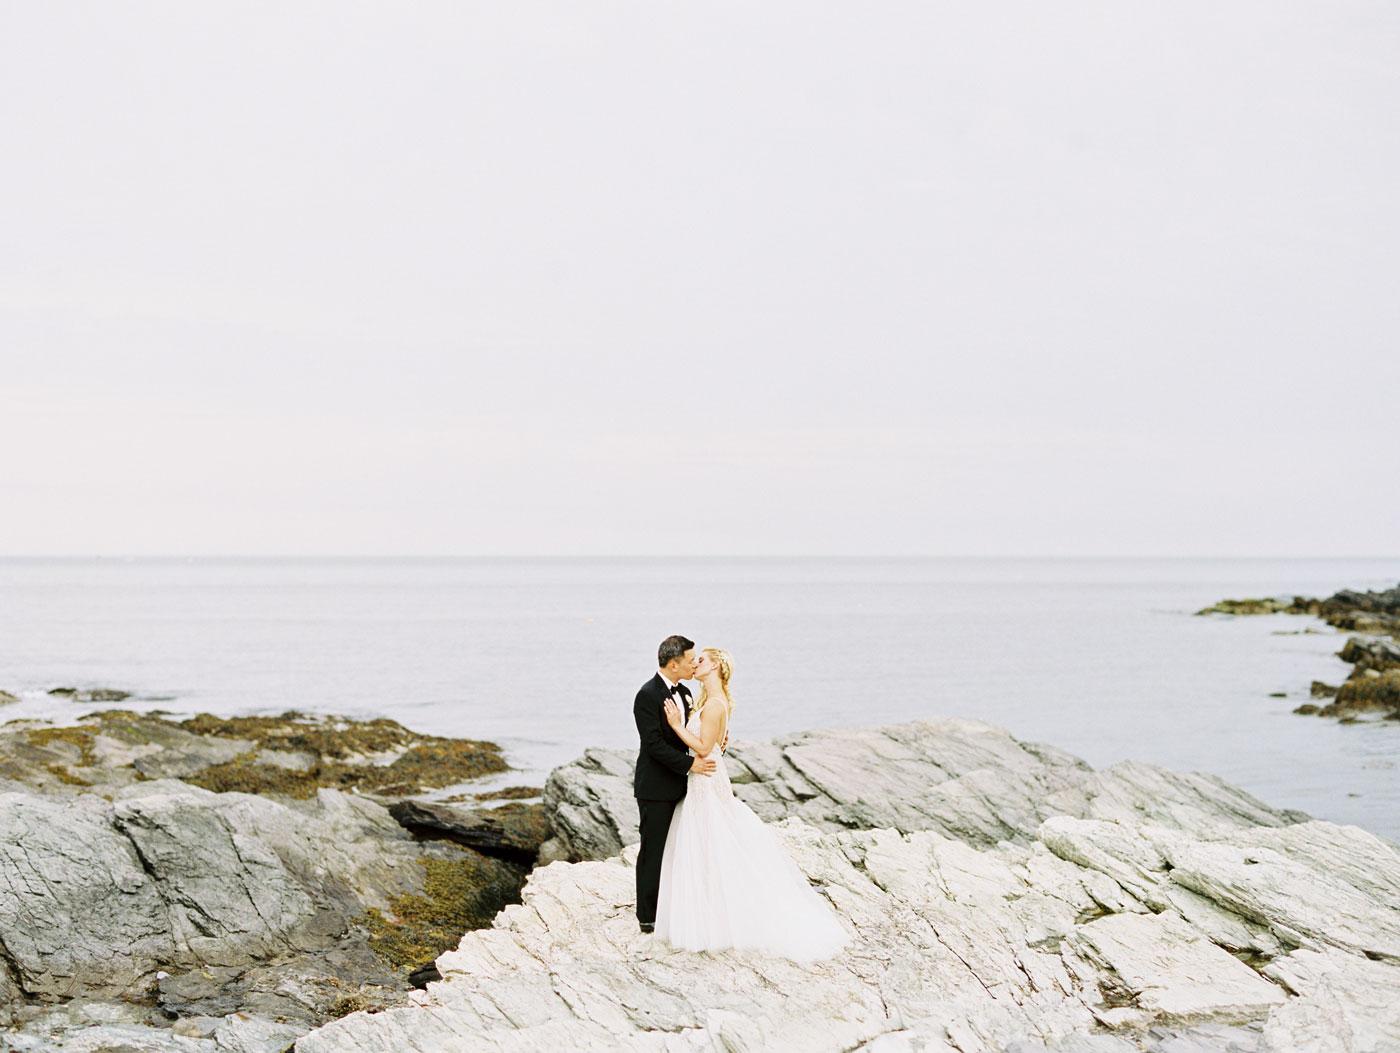 scenic wedding photos at castle hill inn